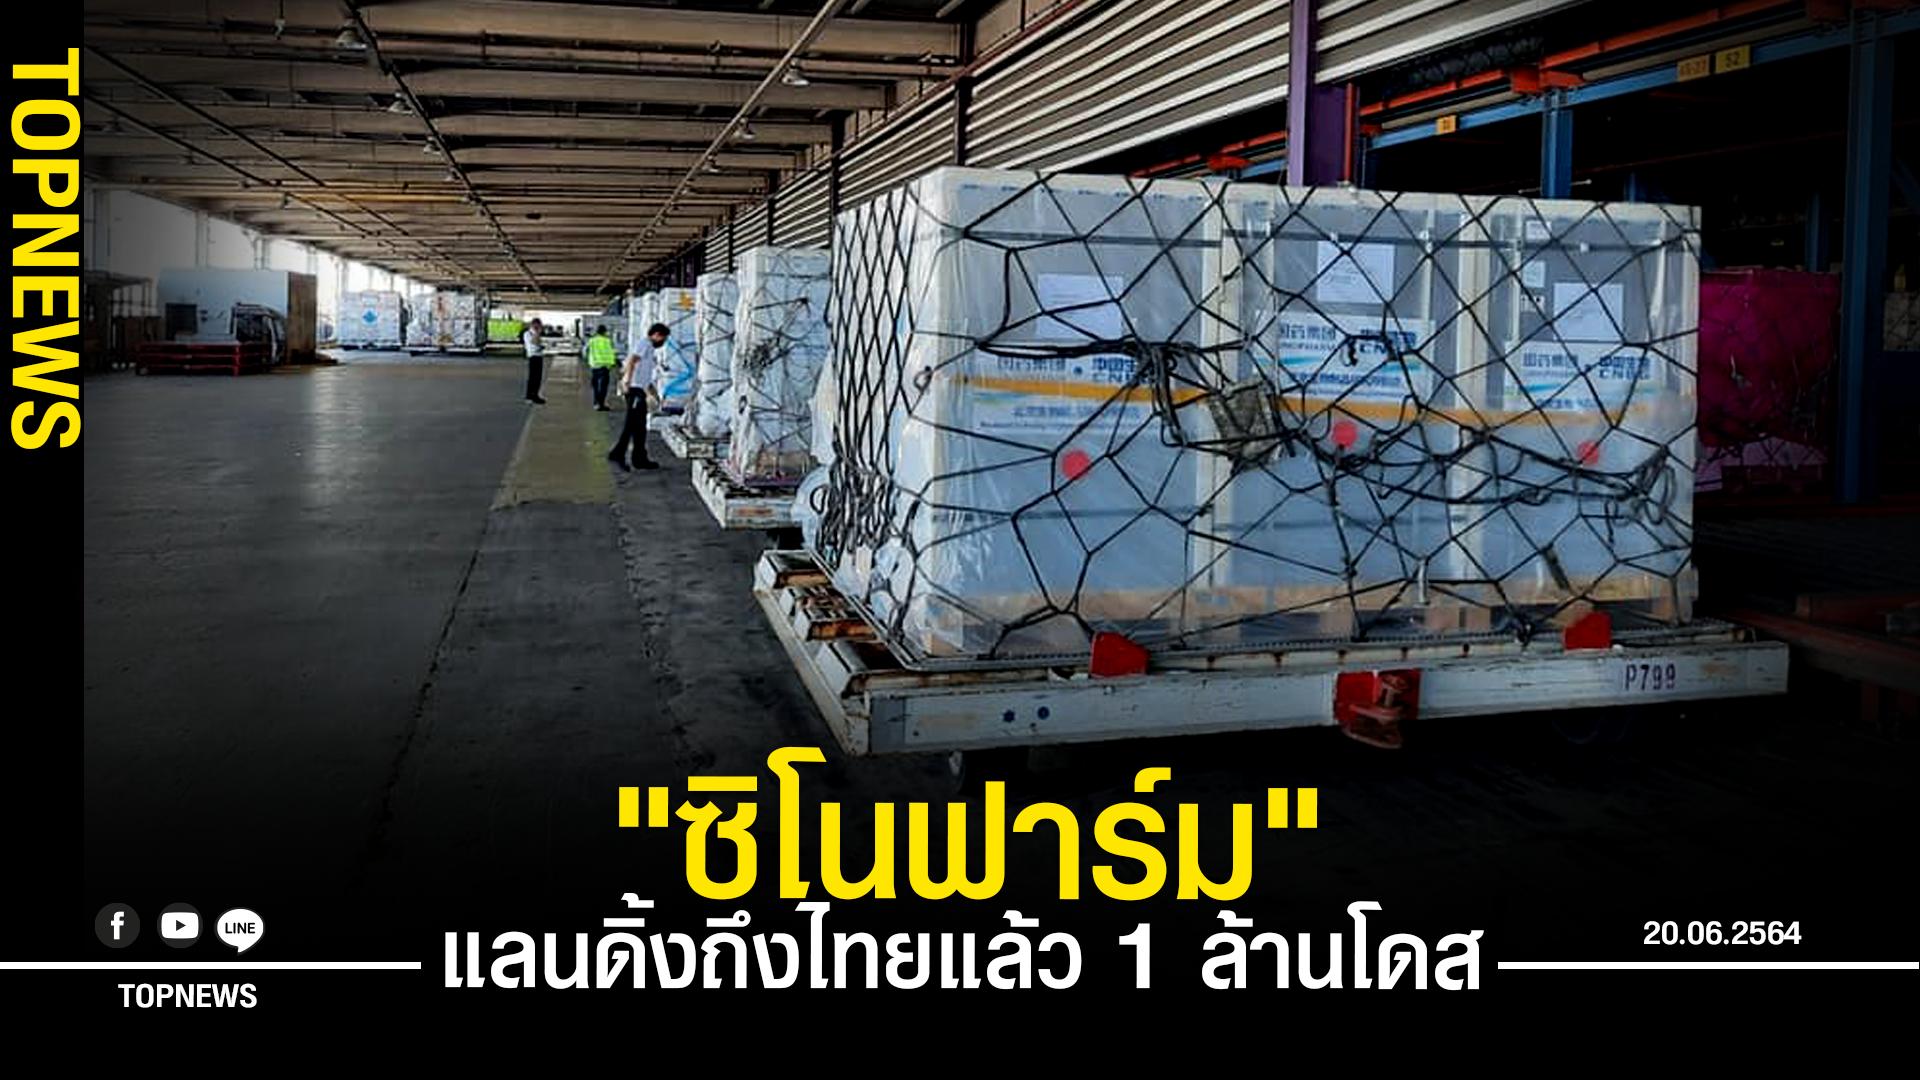 """วัคซีนมาแล้ว! """"ซิโนฟาร์ม"""" แลนดิ้งถึงไทย 1 ล้านโดส"""